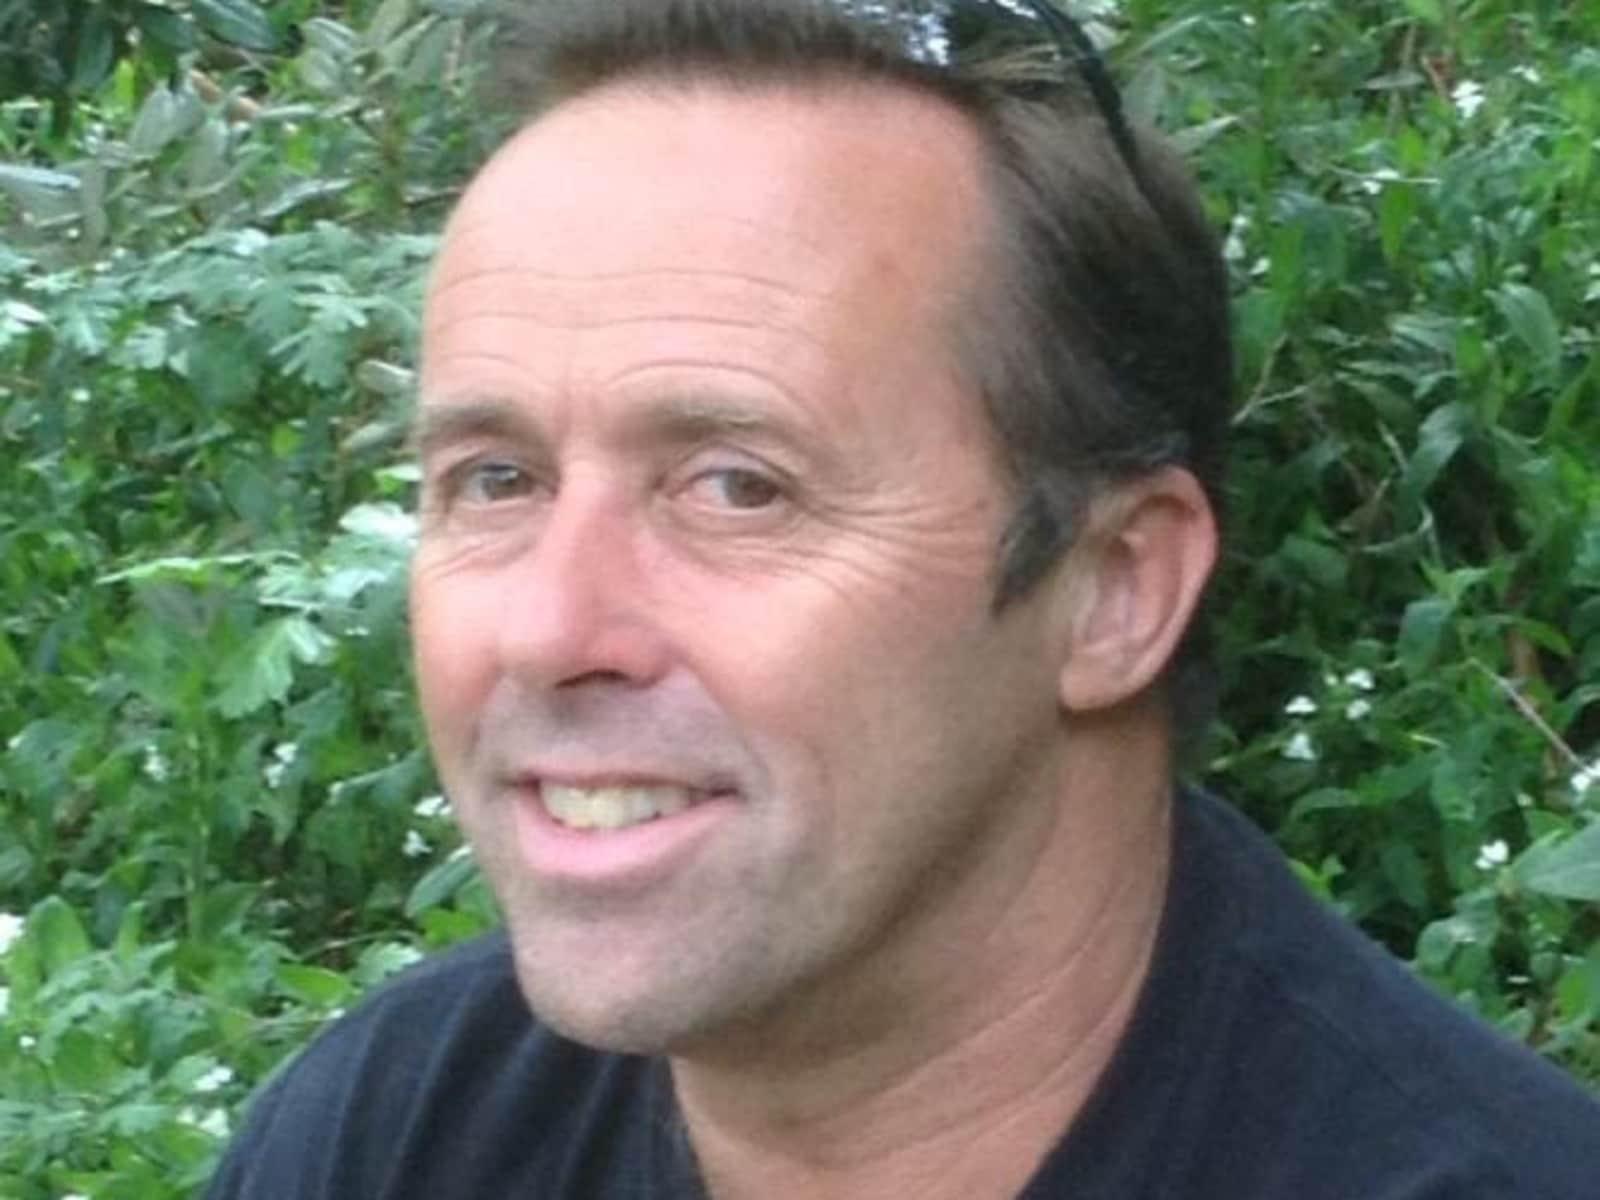 Tony from Auckland, New Zealand